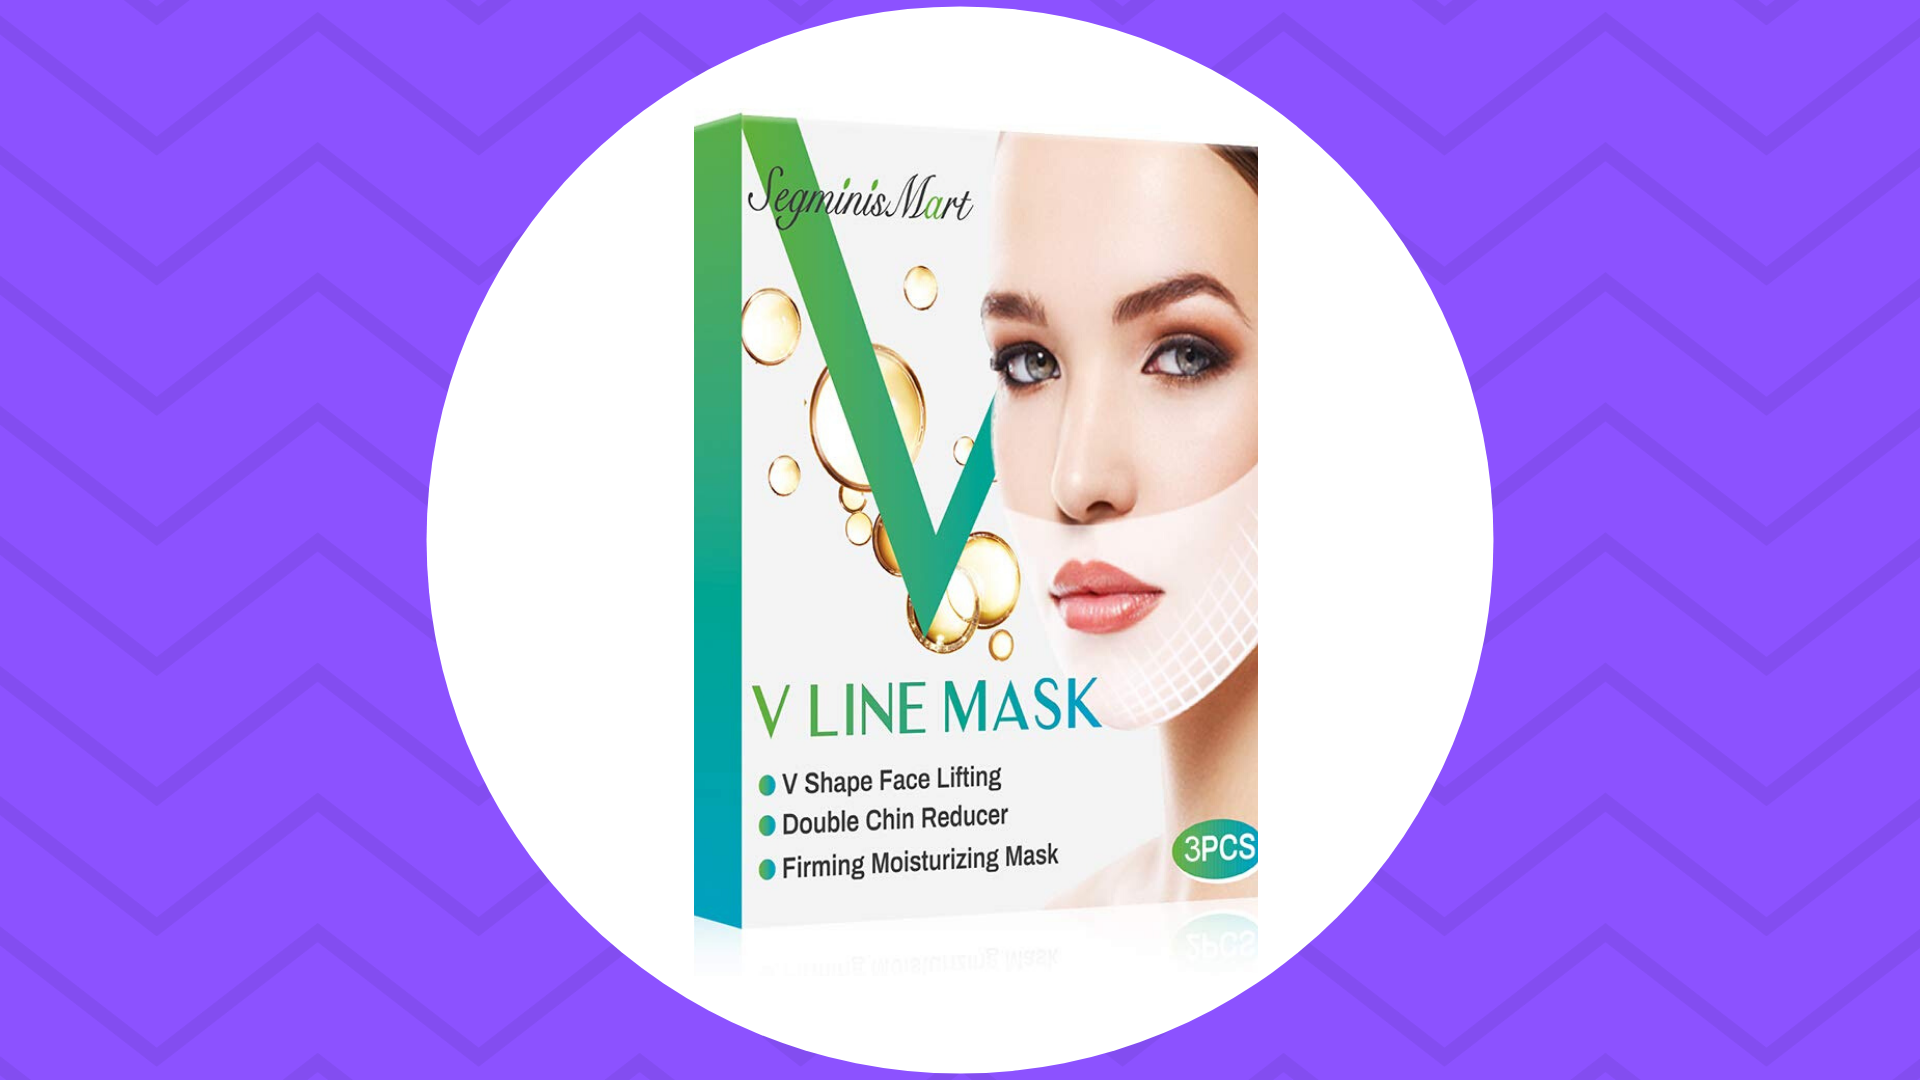 Segminismart V-Line Mask